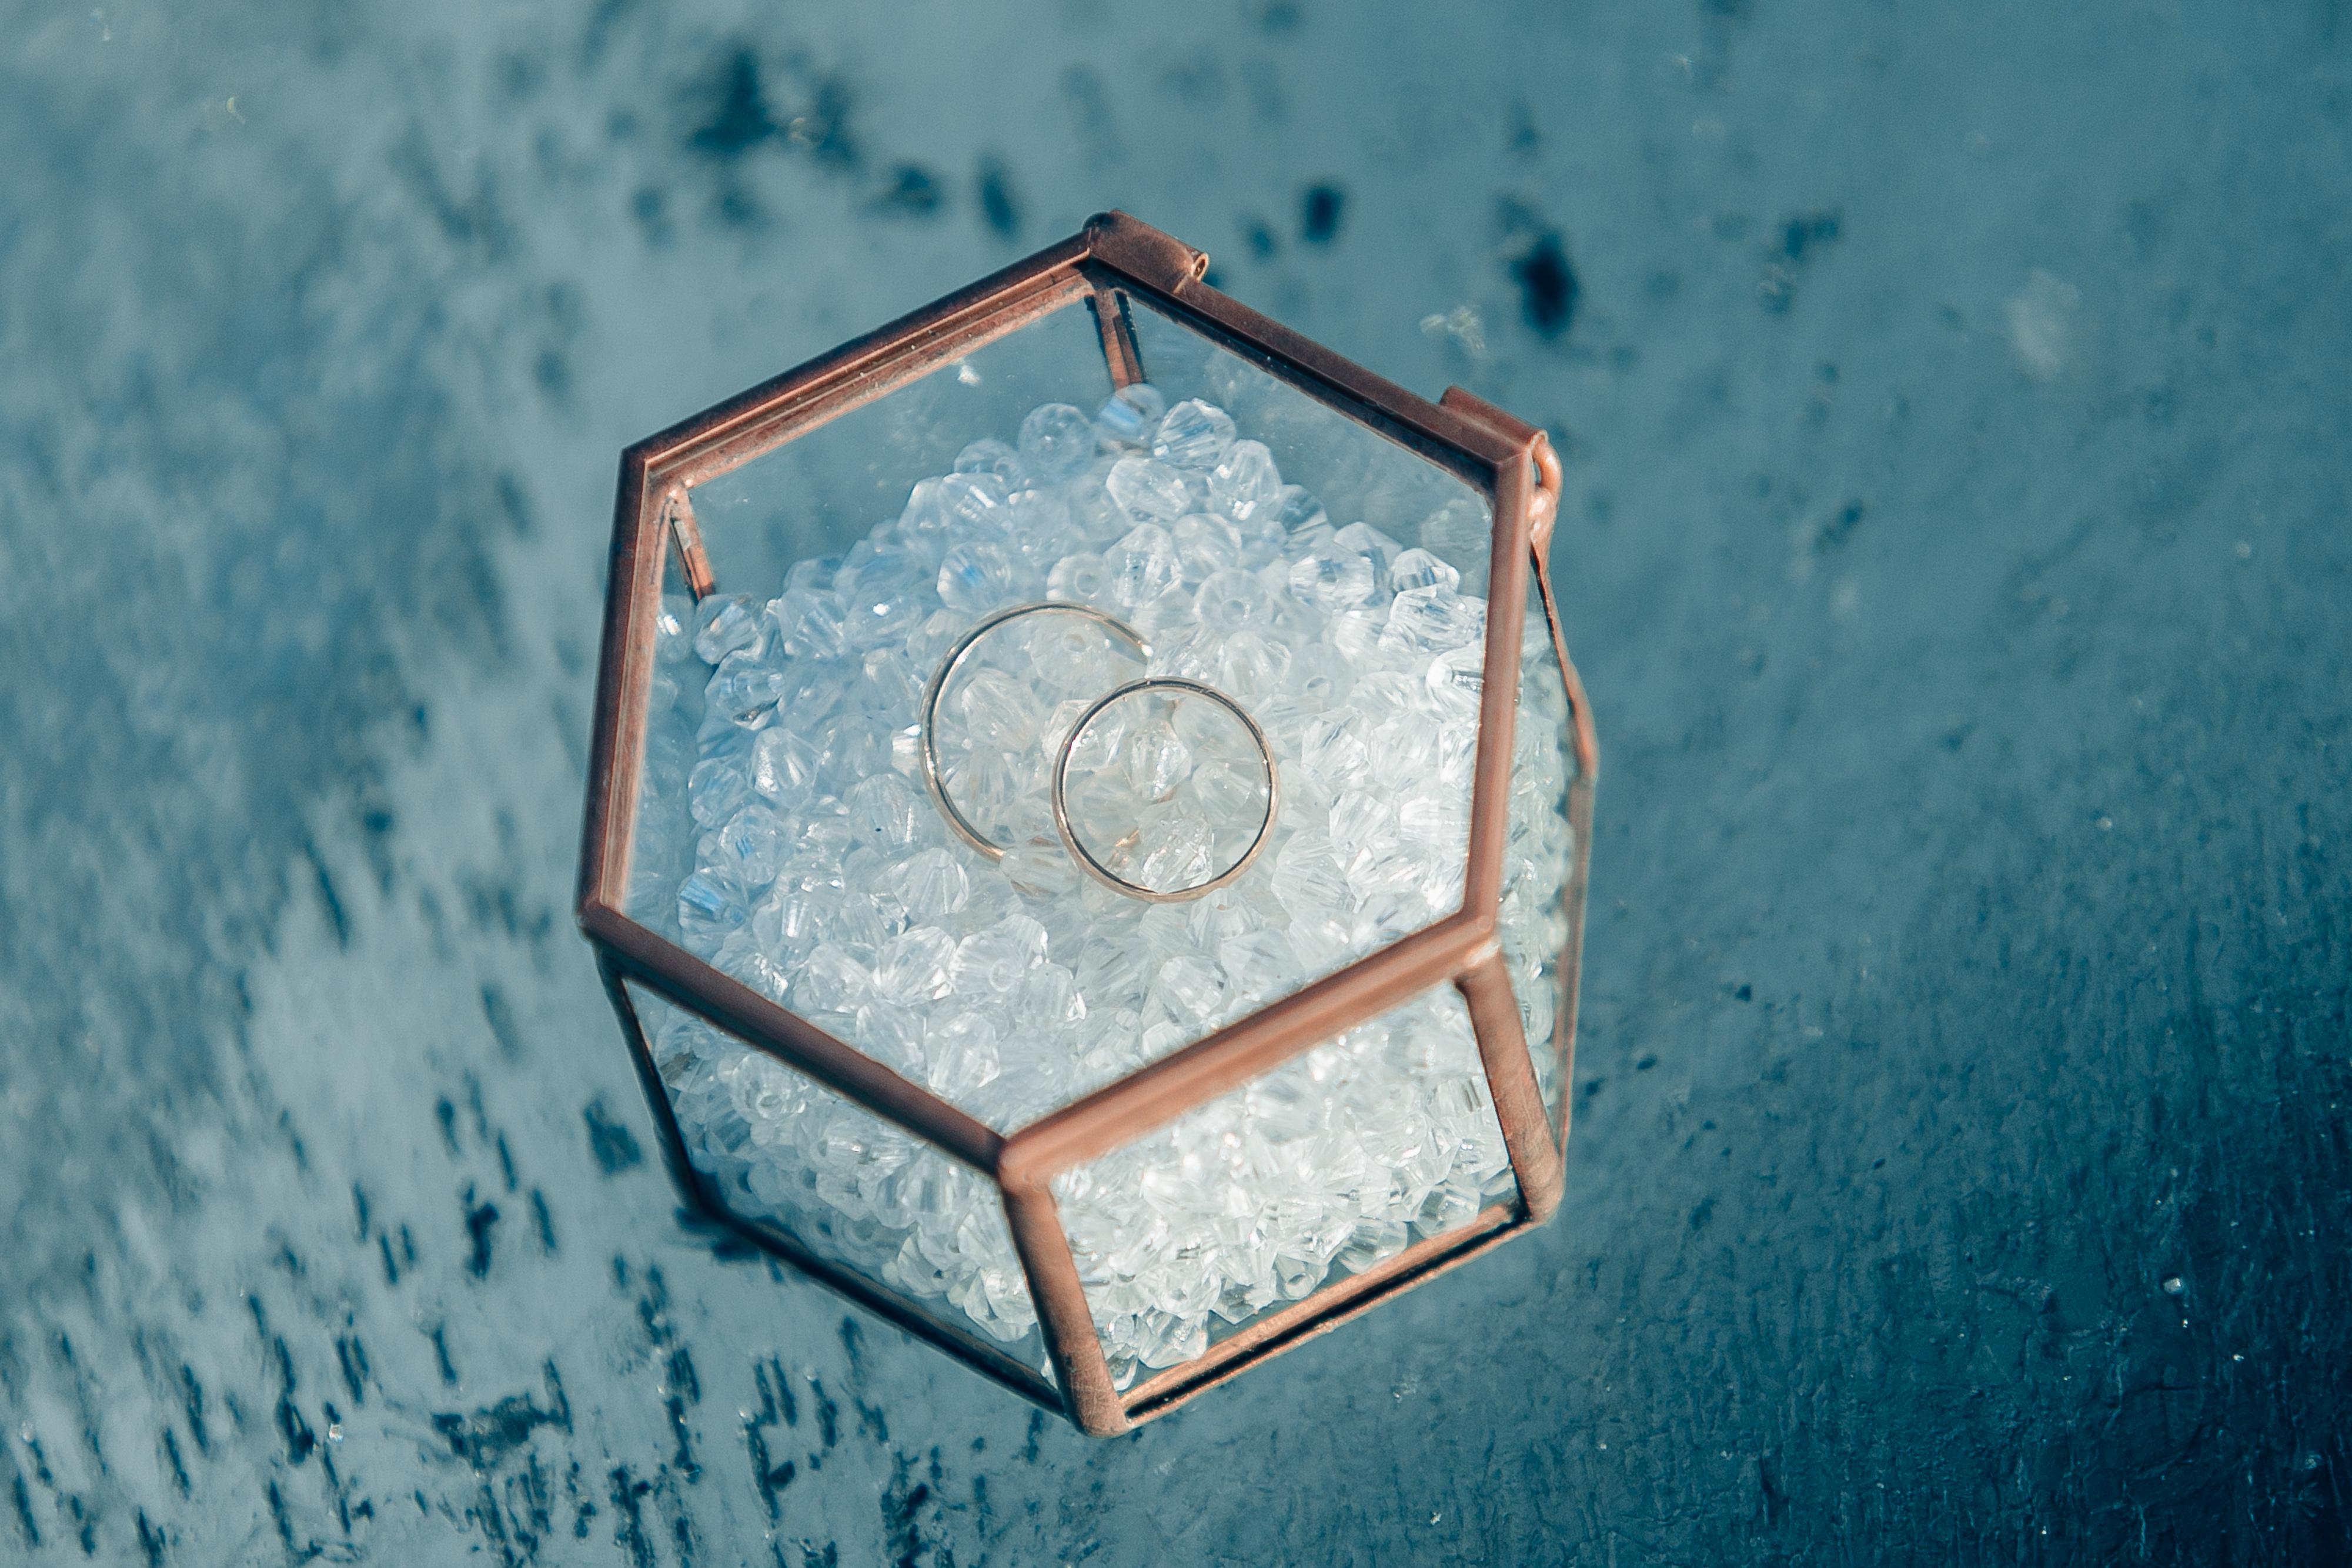 Подушечка для колец, стекло. Размер 7 см в ширину, 5 см в высоту, стоимость 300 без наполнения